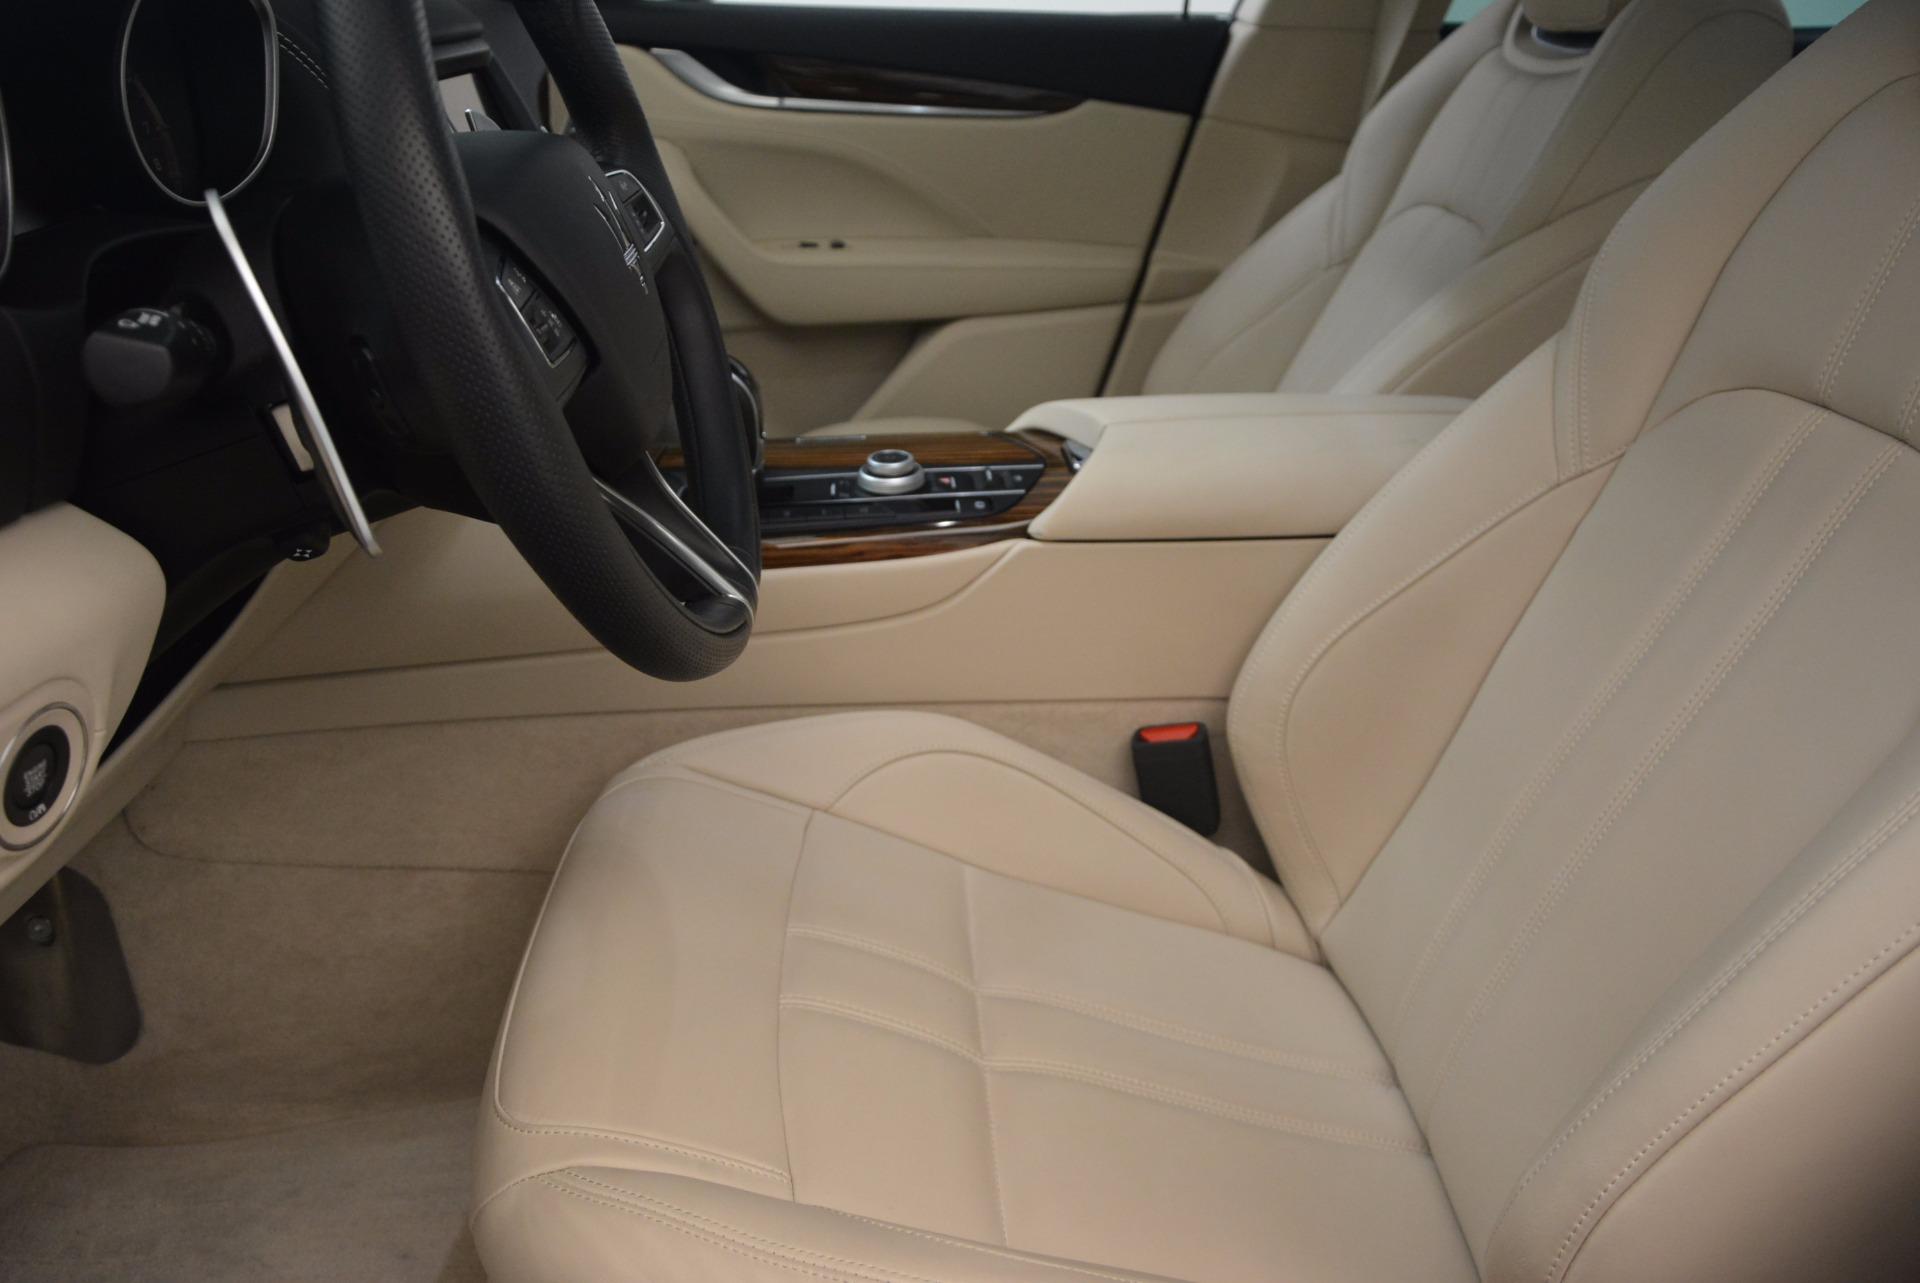 Used 2017 Maserati Levante S For Sale In Greenwich, CT. Alfa Romeo of Greenwich, 7255 1463_p14